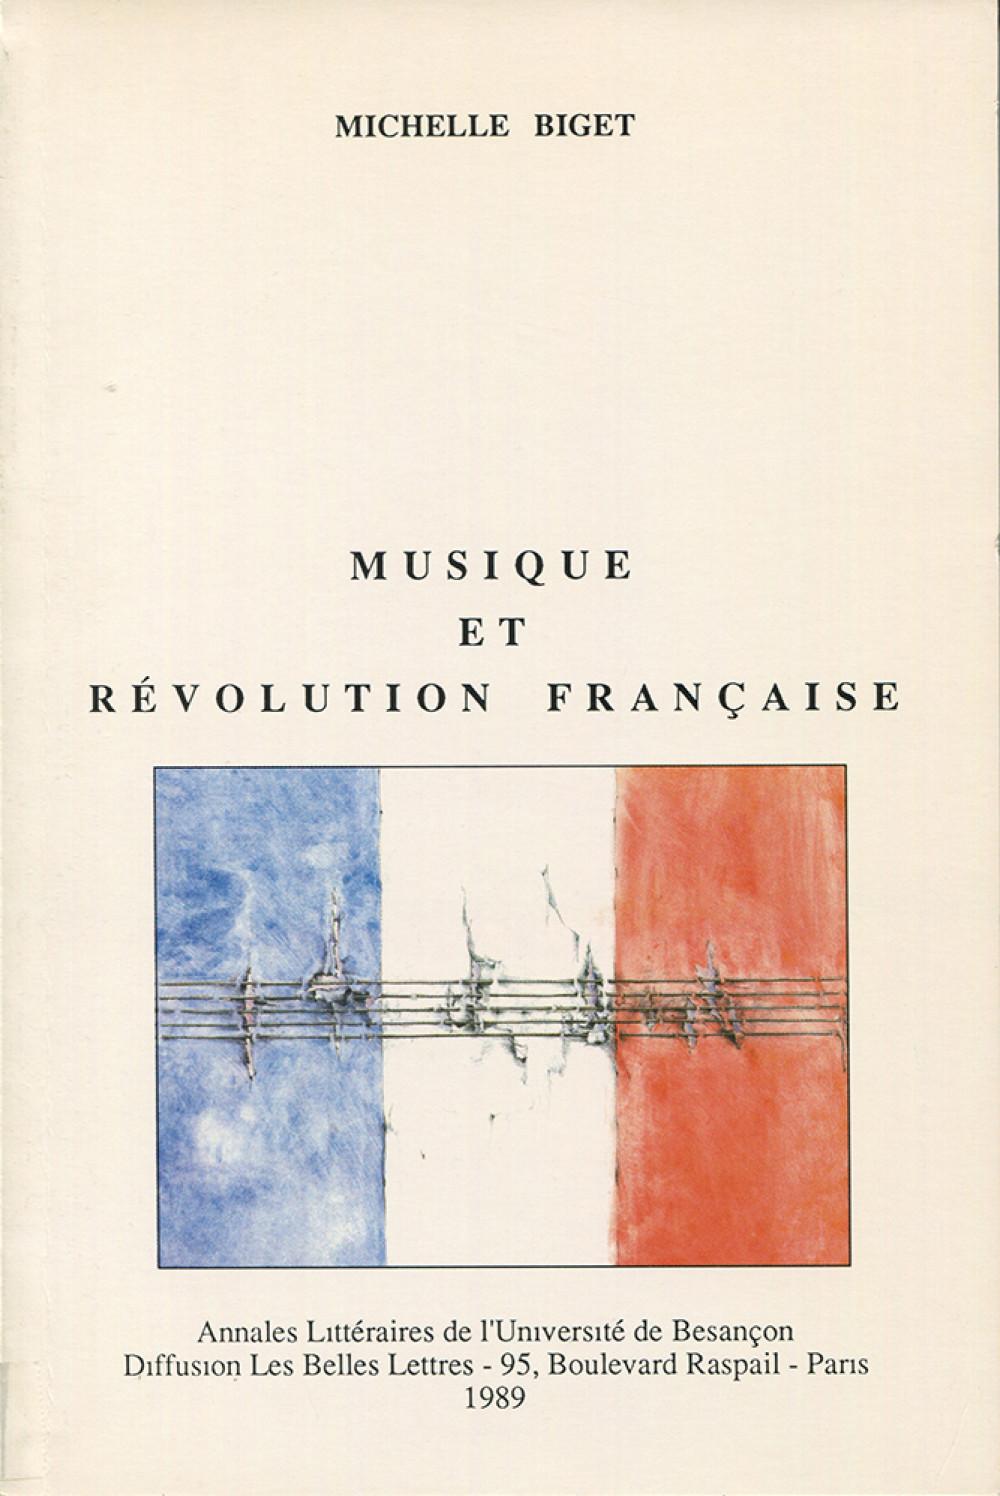 Musique et Révolution Française